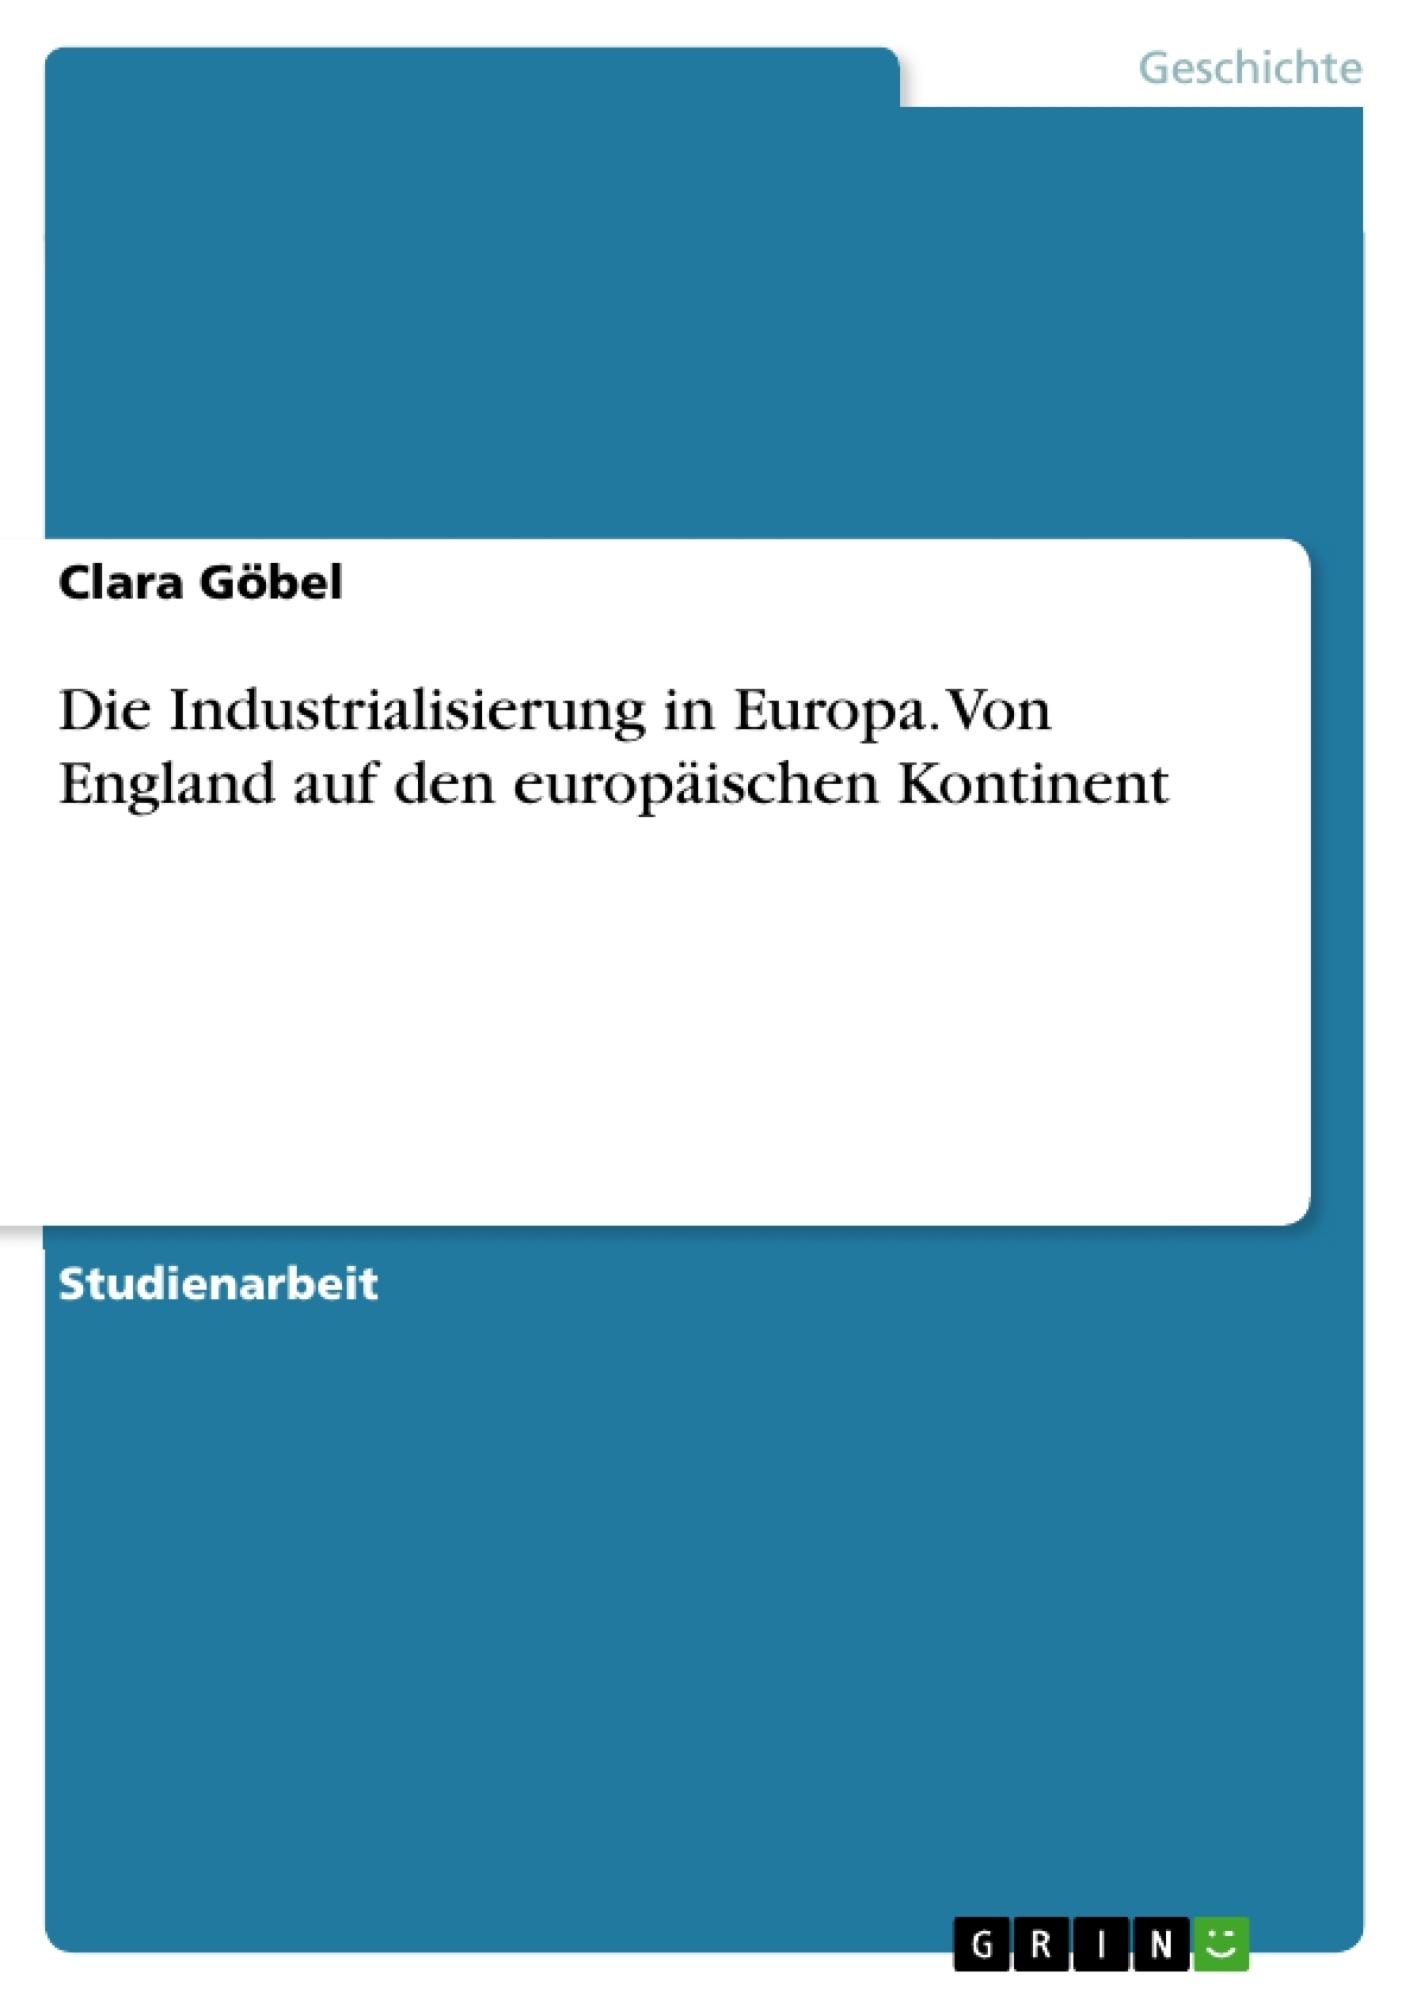 Titel: Die Industrialisierung in Europa. Von England auf den europäischen Kontinent